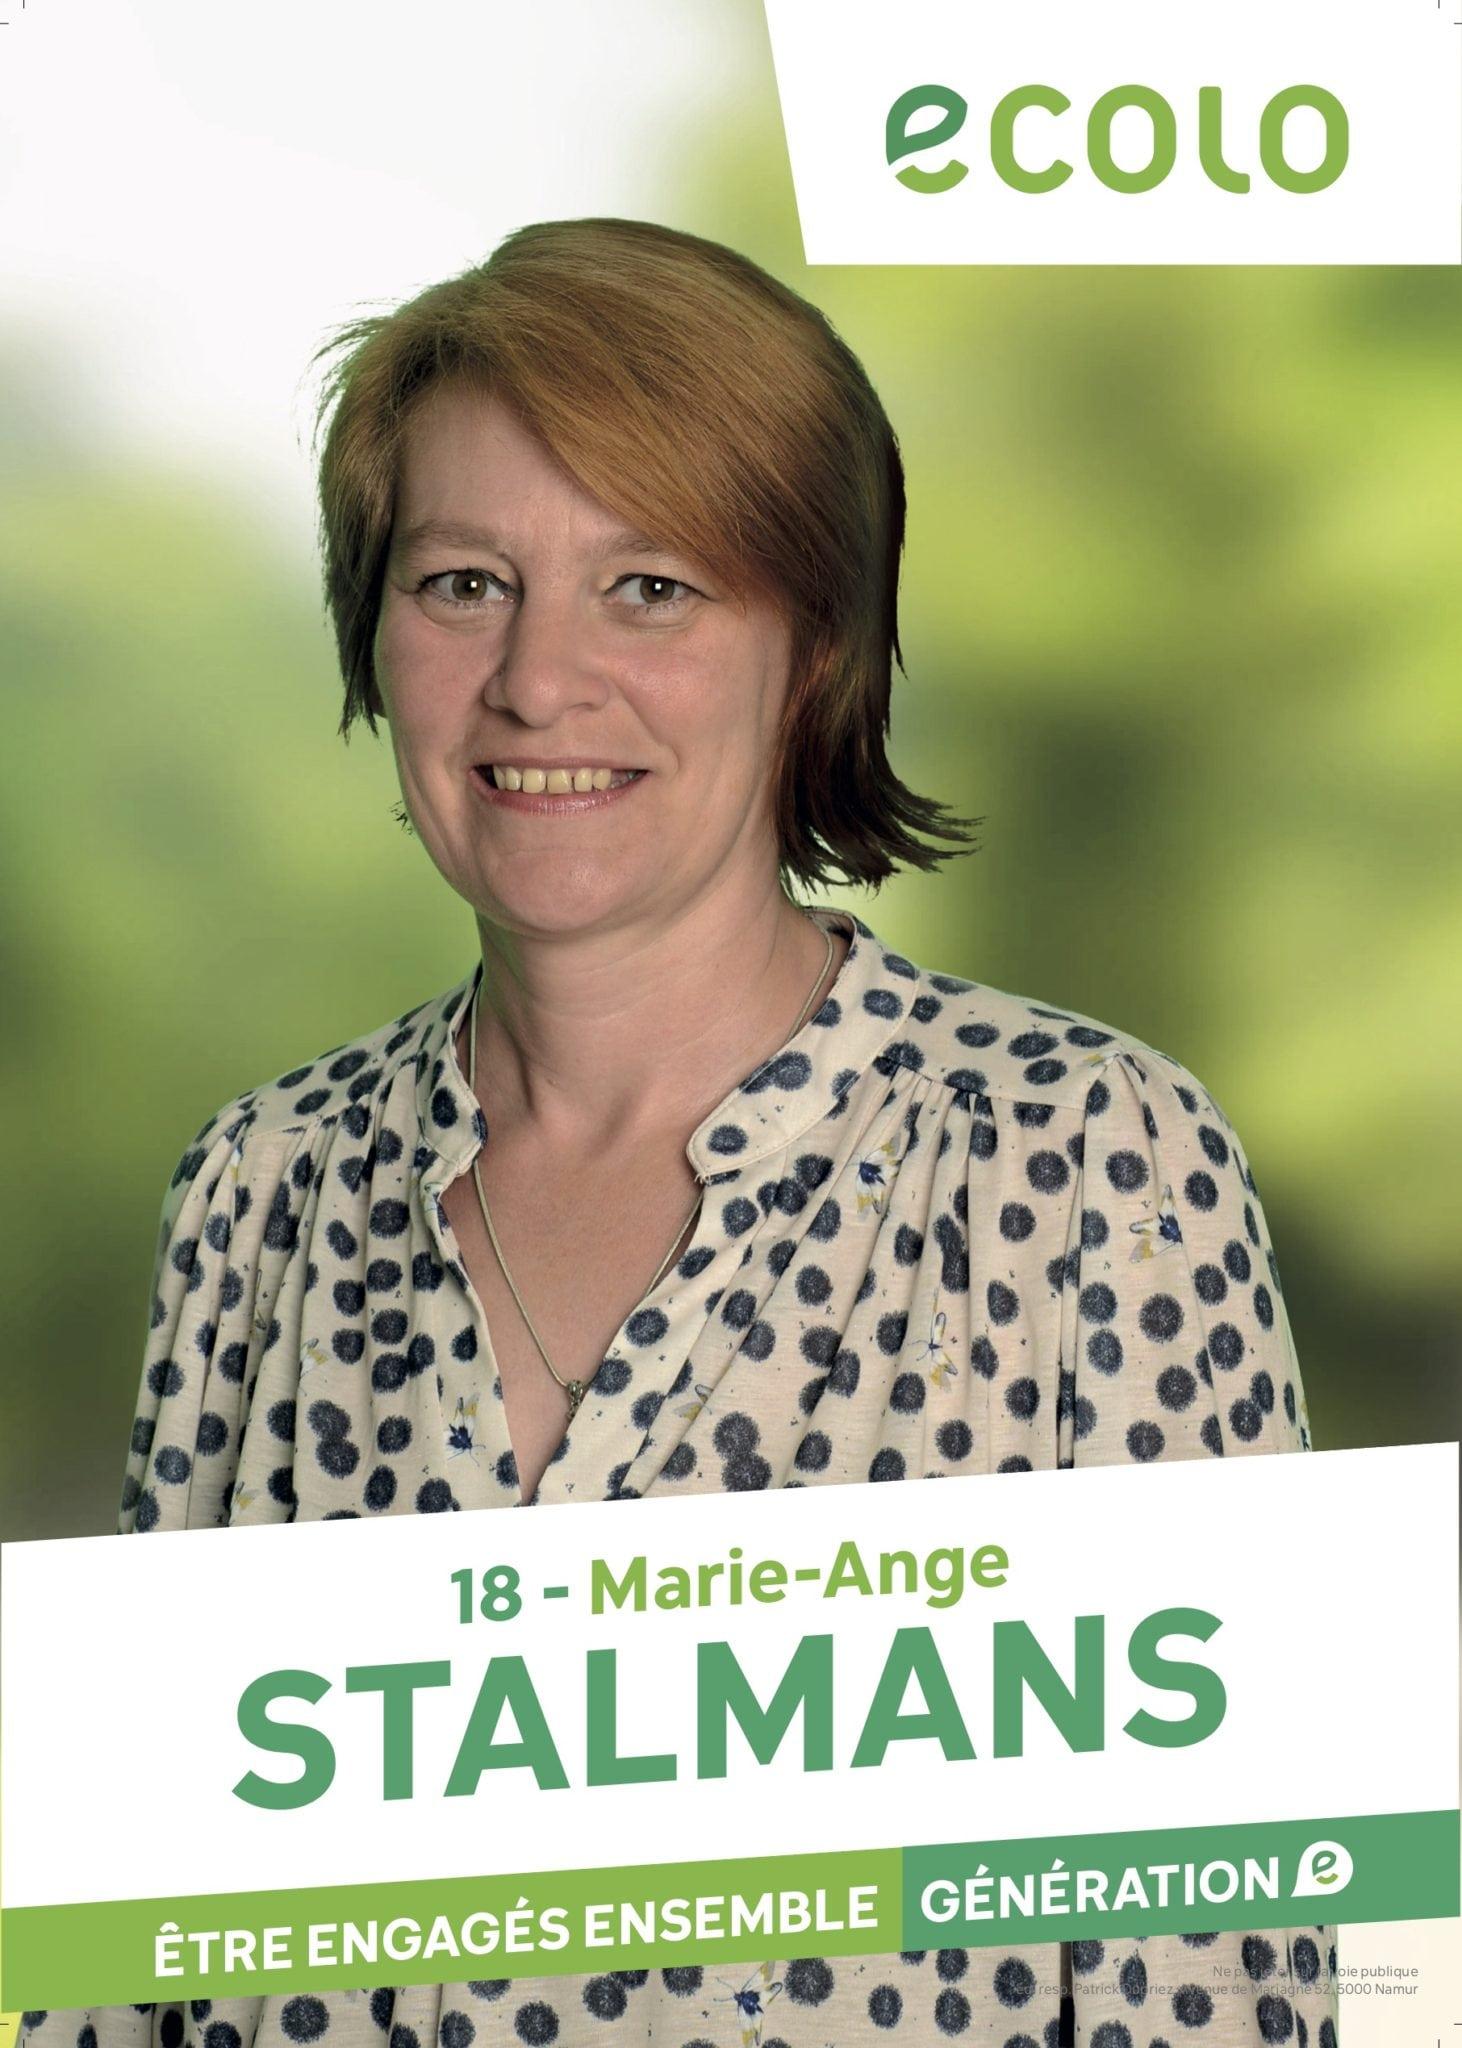 Marie-Ange Stalmans